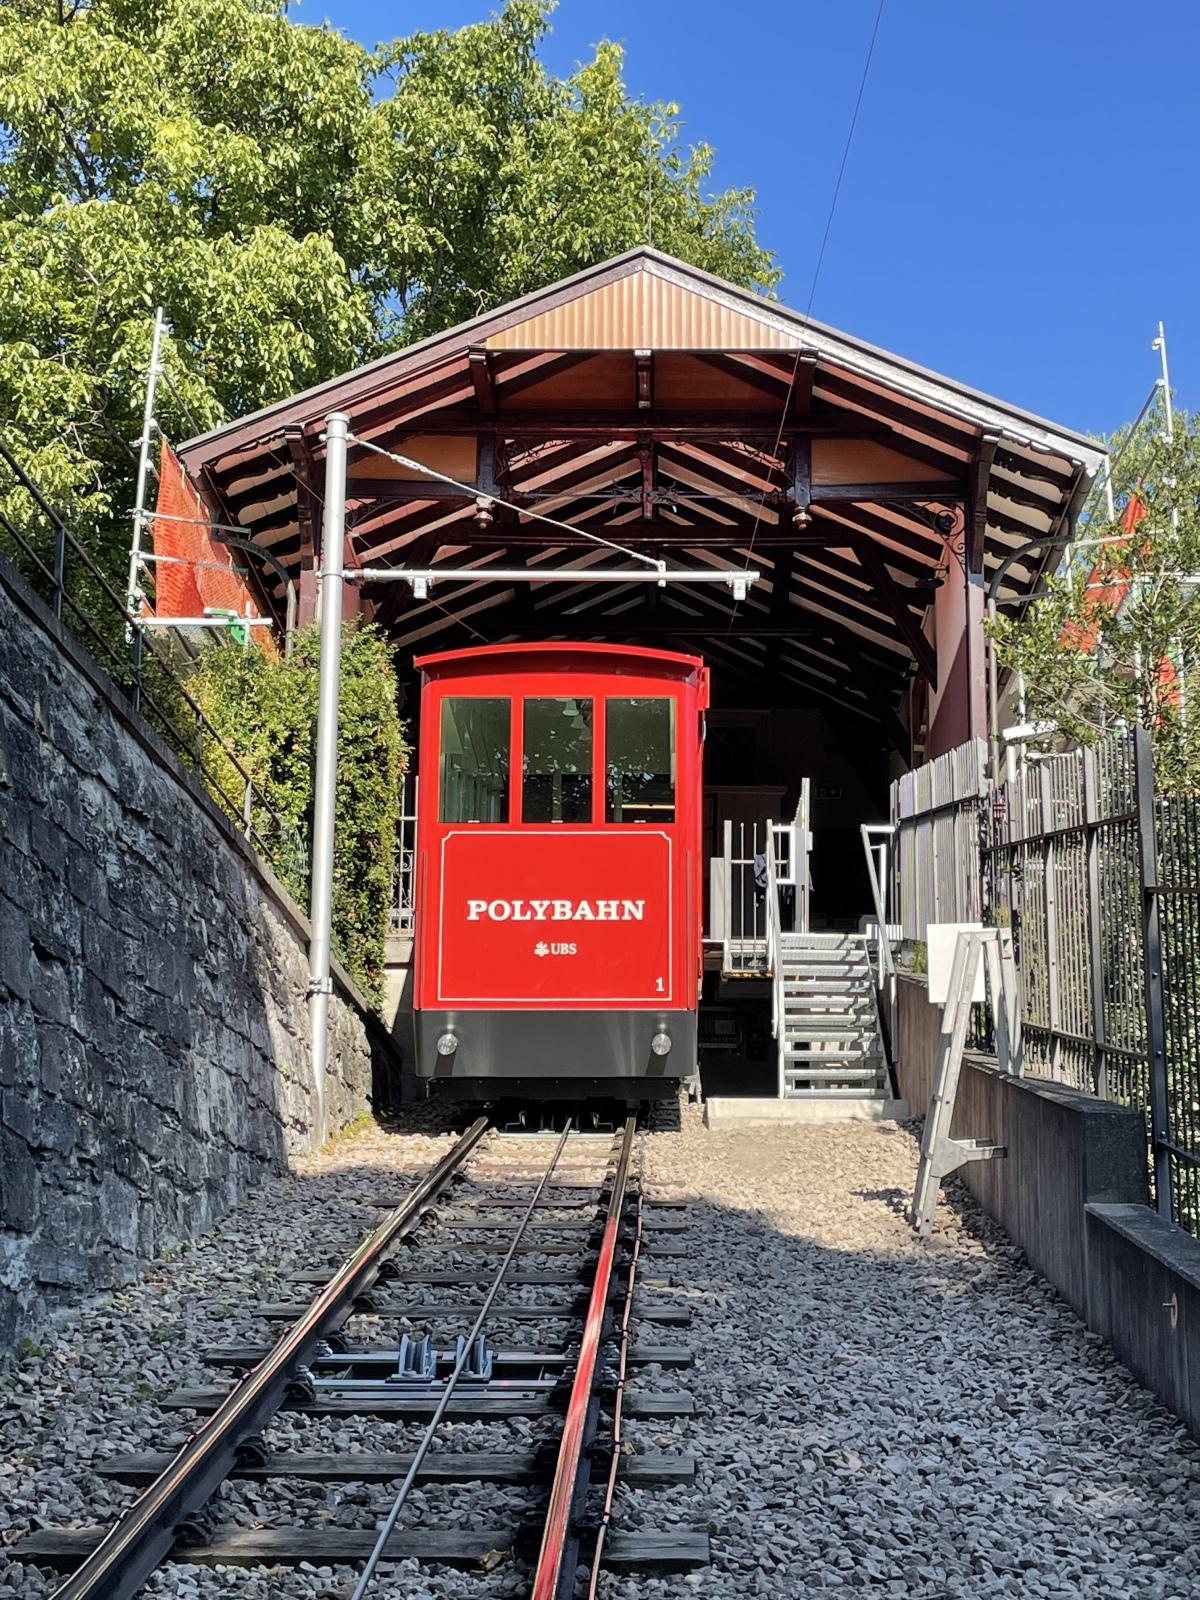 La funicolare Polybahn di Zurigo di nuovo in servizio